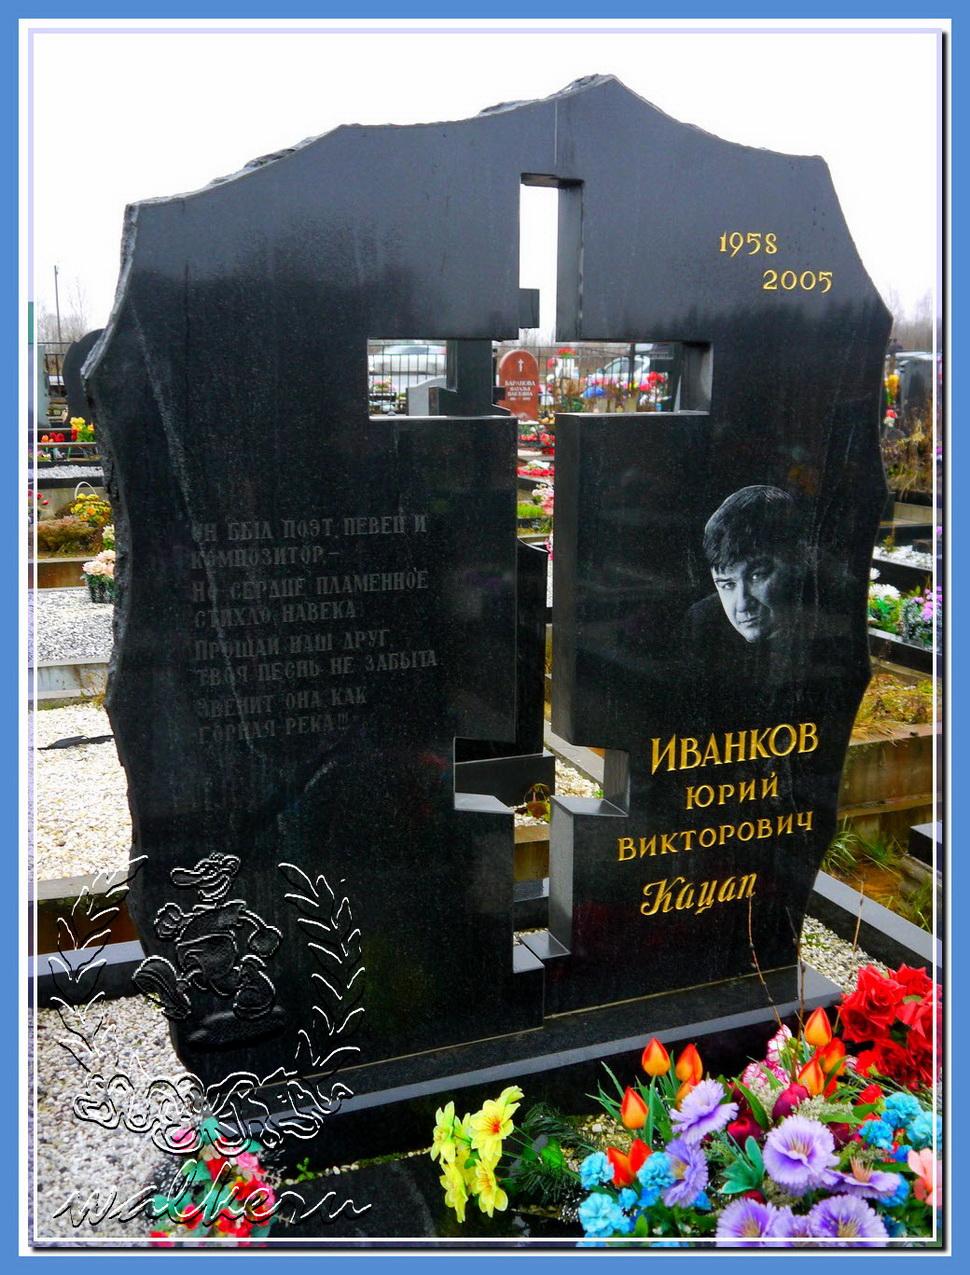 Иванков Юрий Викторович